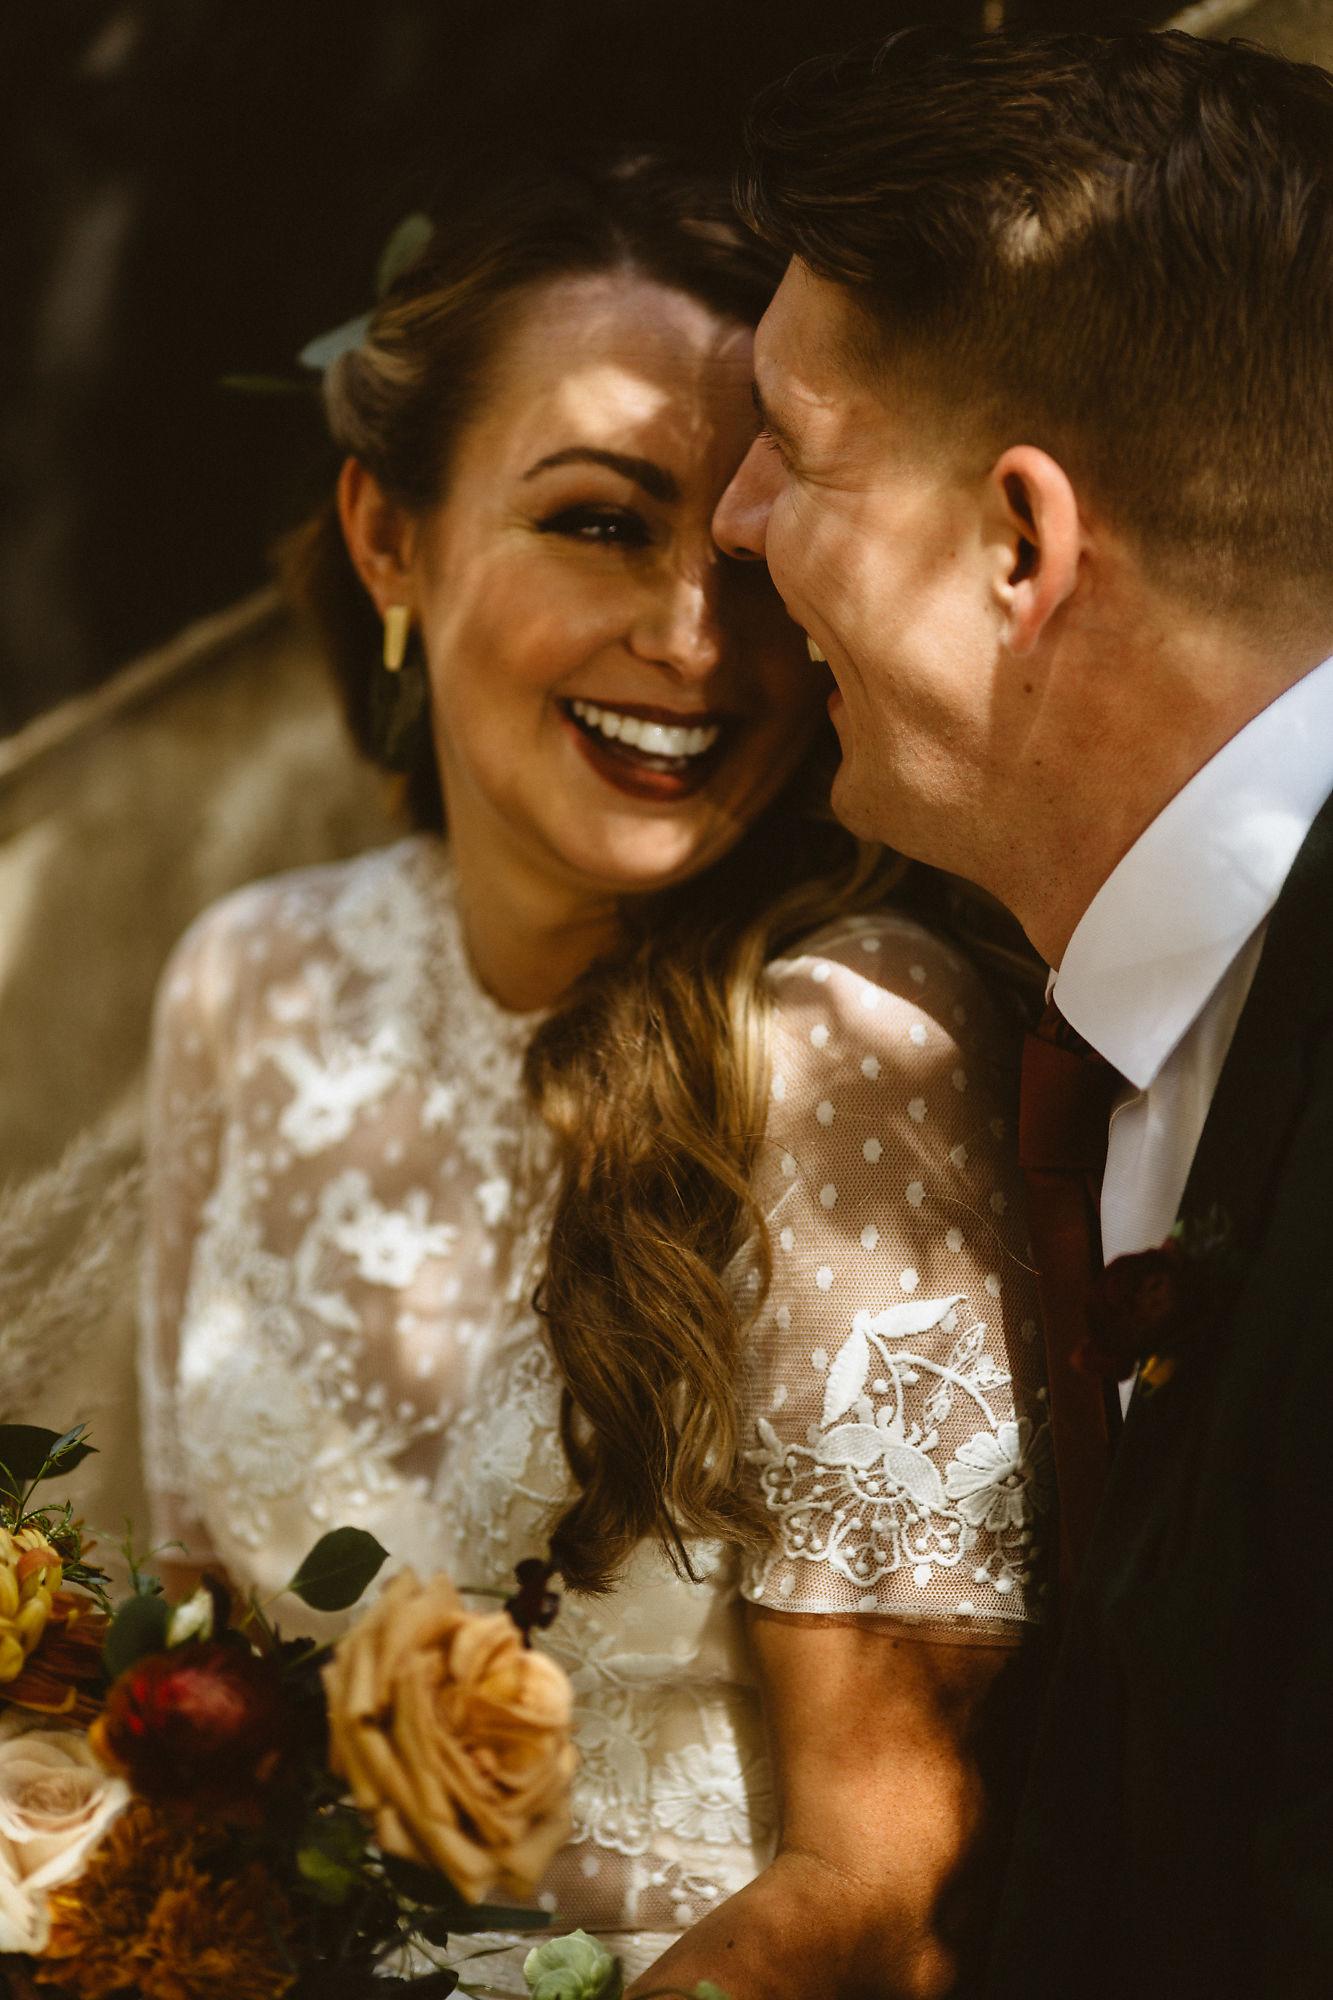 amber_cameron_malverde_wedding_photos121948.jpg